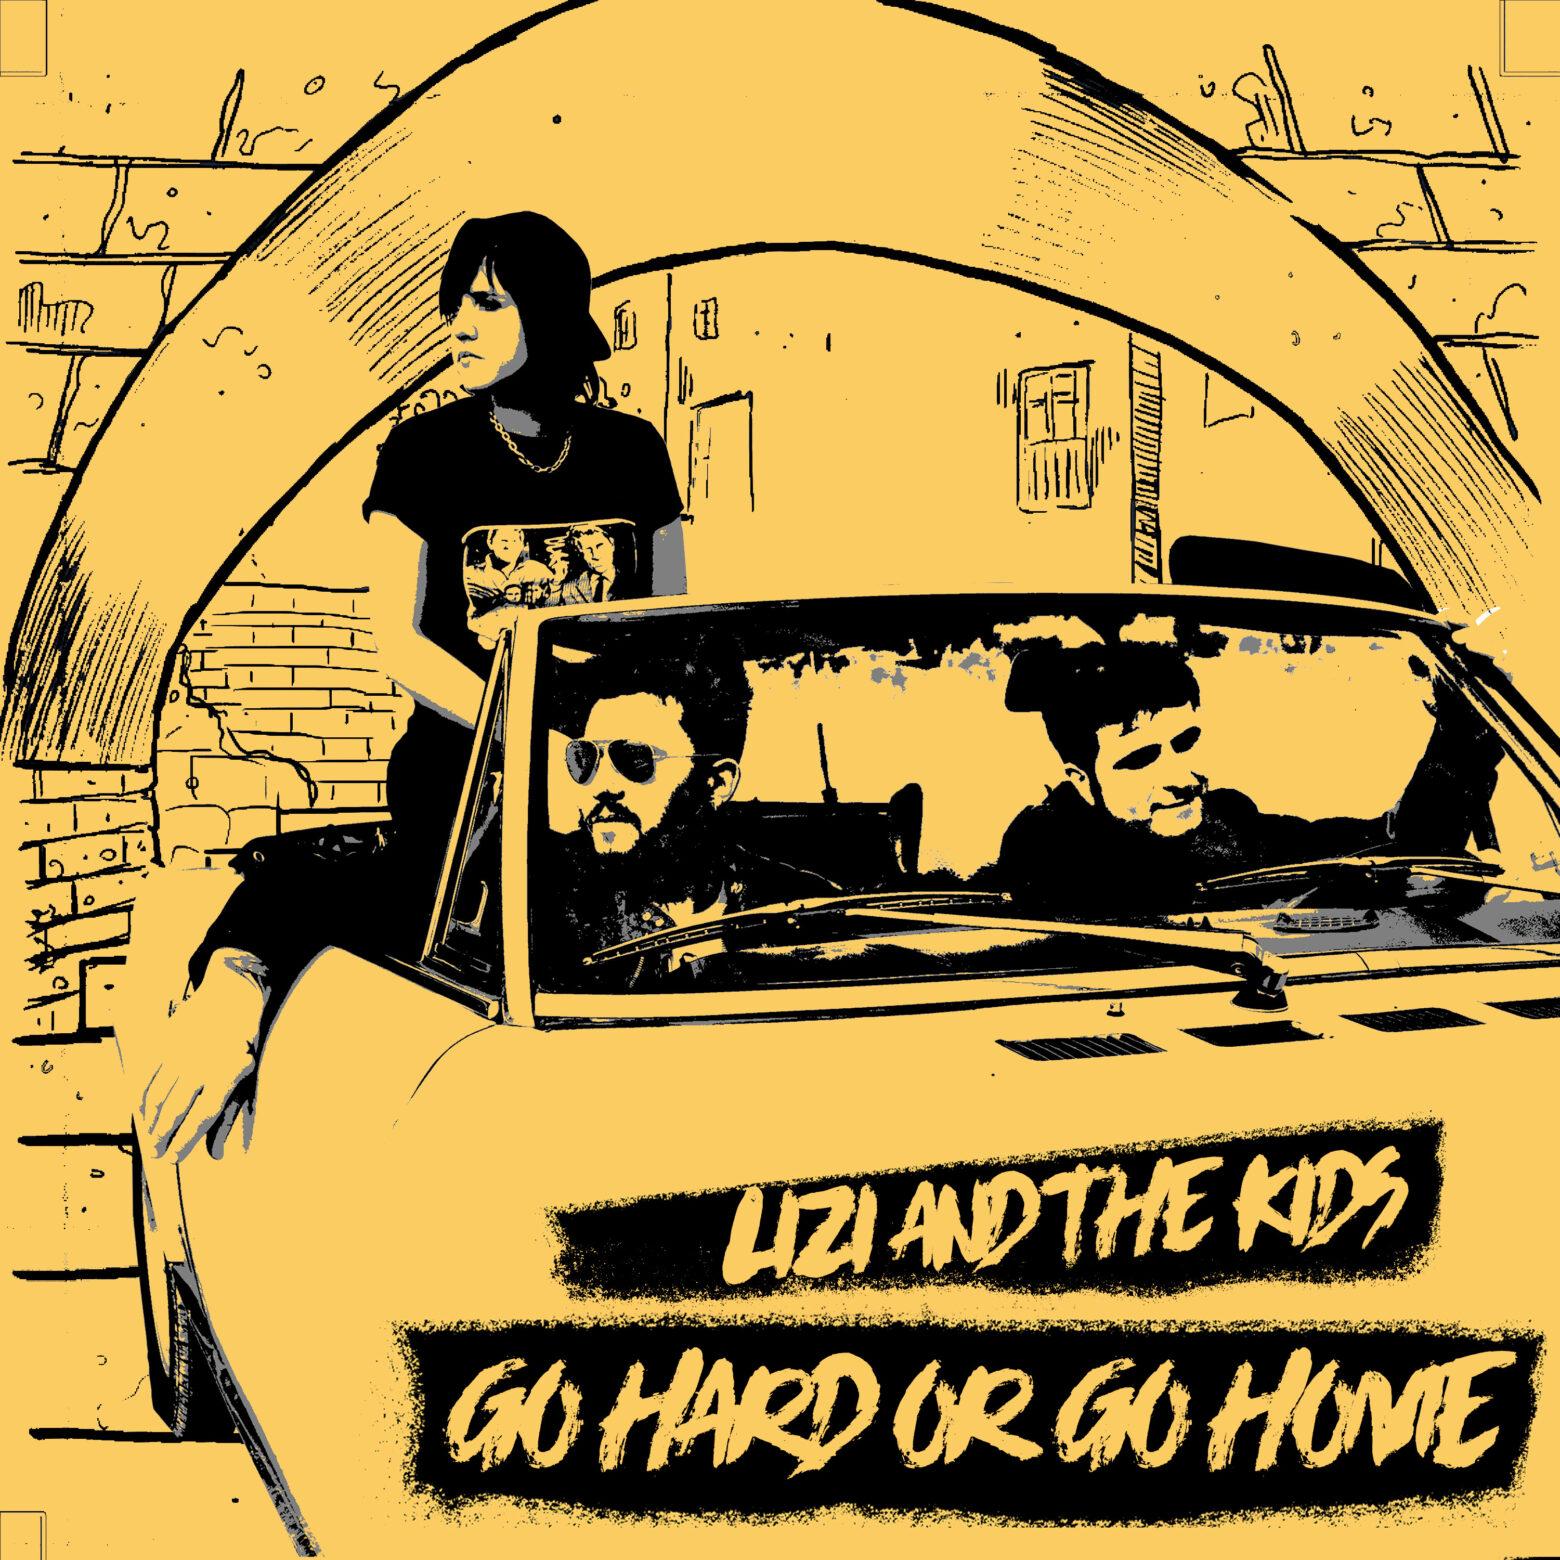 LIZI AND THE KIDS   GO HARD OR GO HOME   E' IL NUOVO SINGOLO ANTICIPAZIONE DEL PROSSIMO LAVORO IN STUDIO DEL TRIO PUNK ROCK